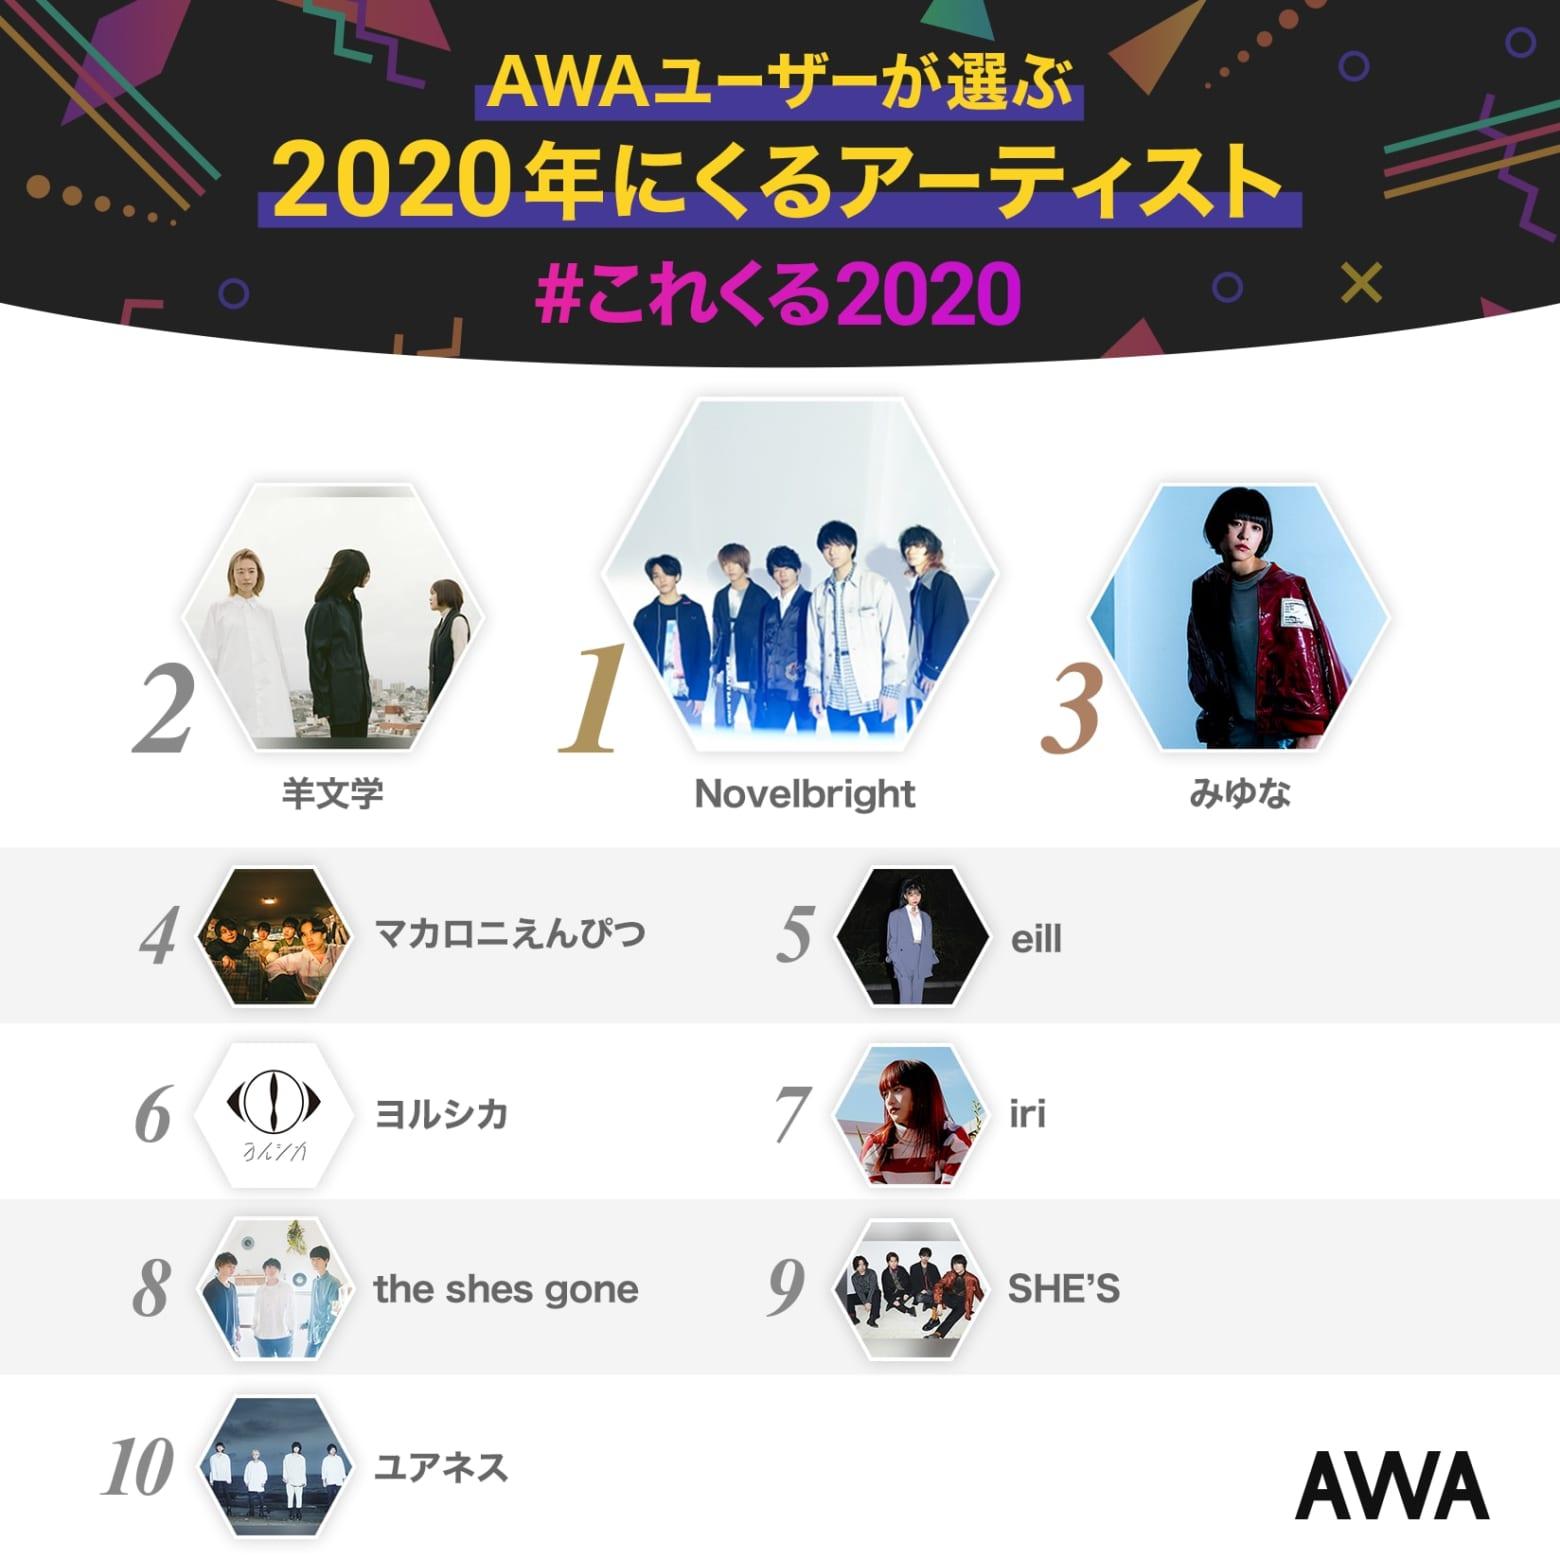 「AWAユーザーが選ぶ!2020年にくるアーティスト」